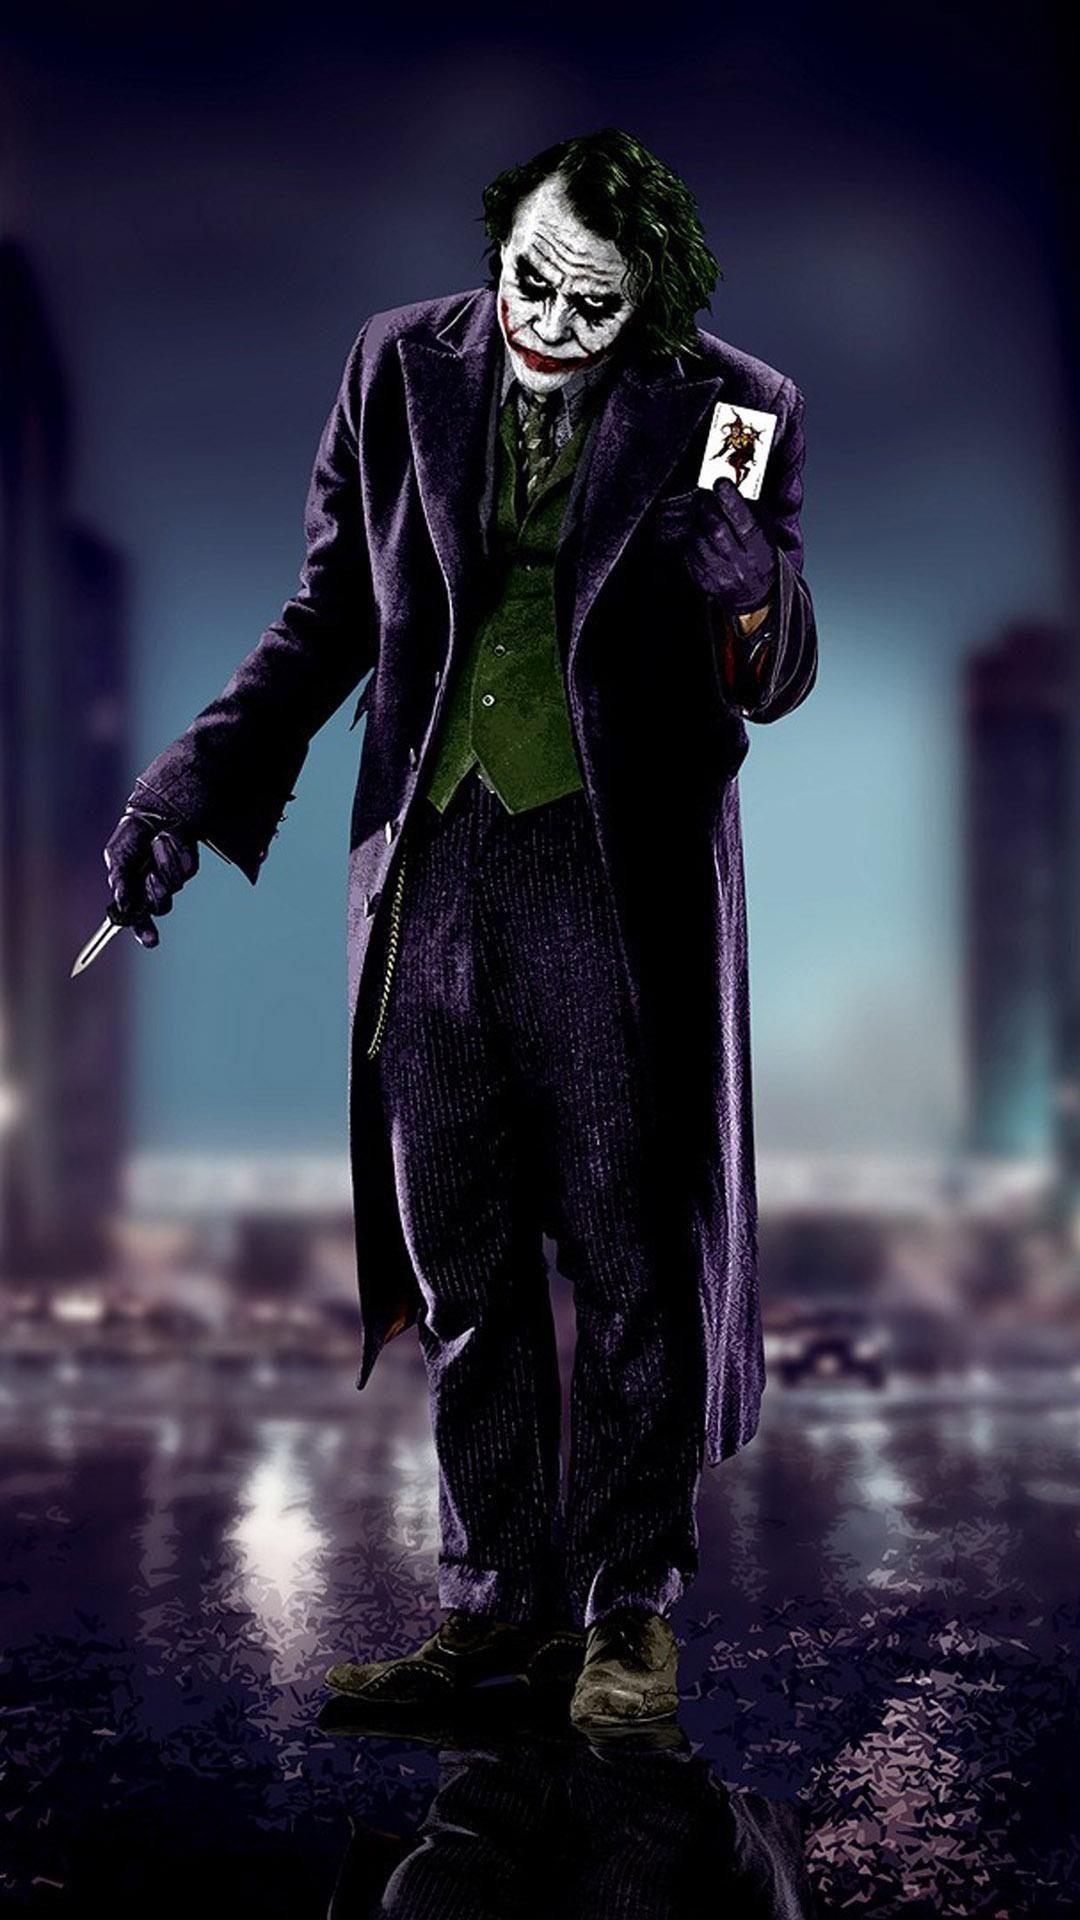 Joker Wallpapers Batman Joker Wallpaper Joker Images Joker Wallpapers Batman joker joker wallpaper 4k for